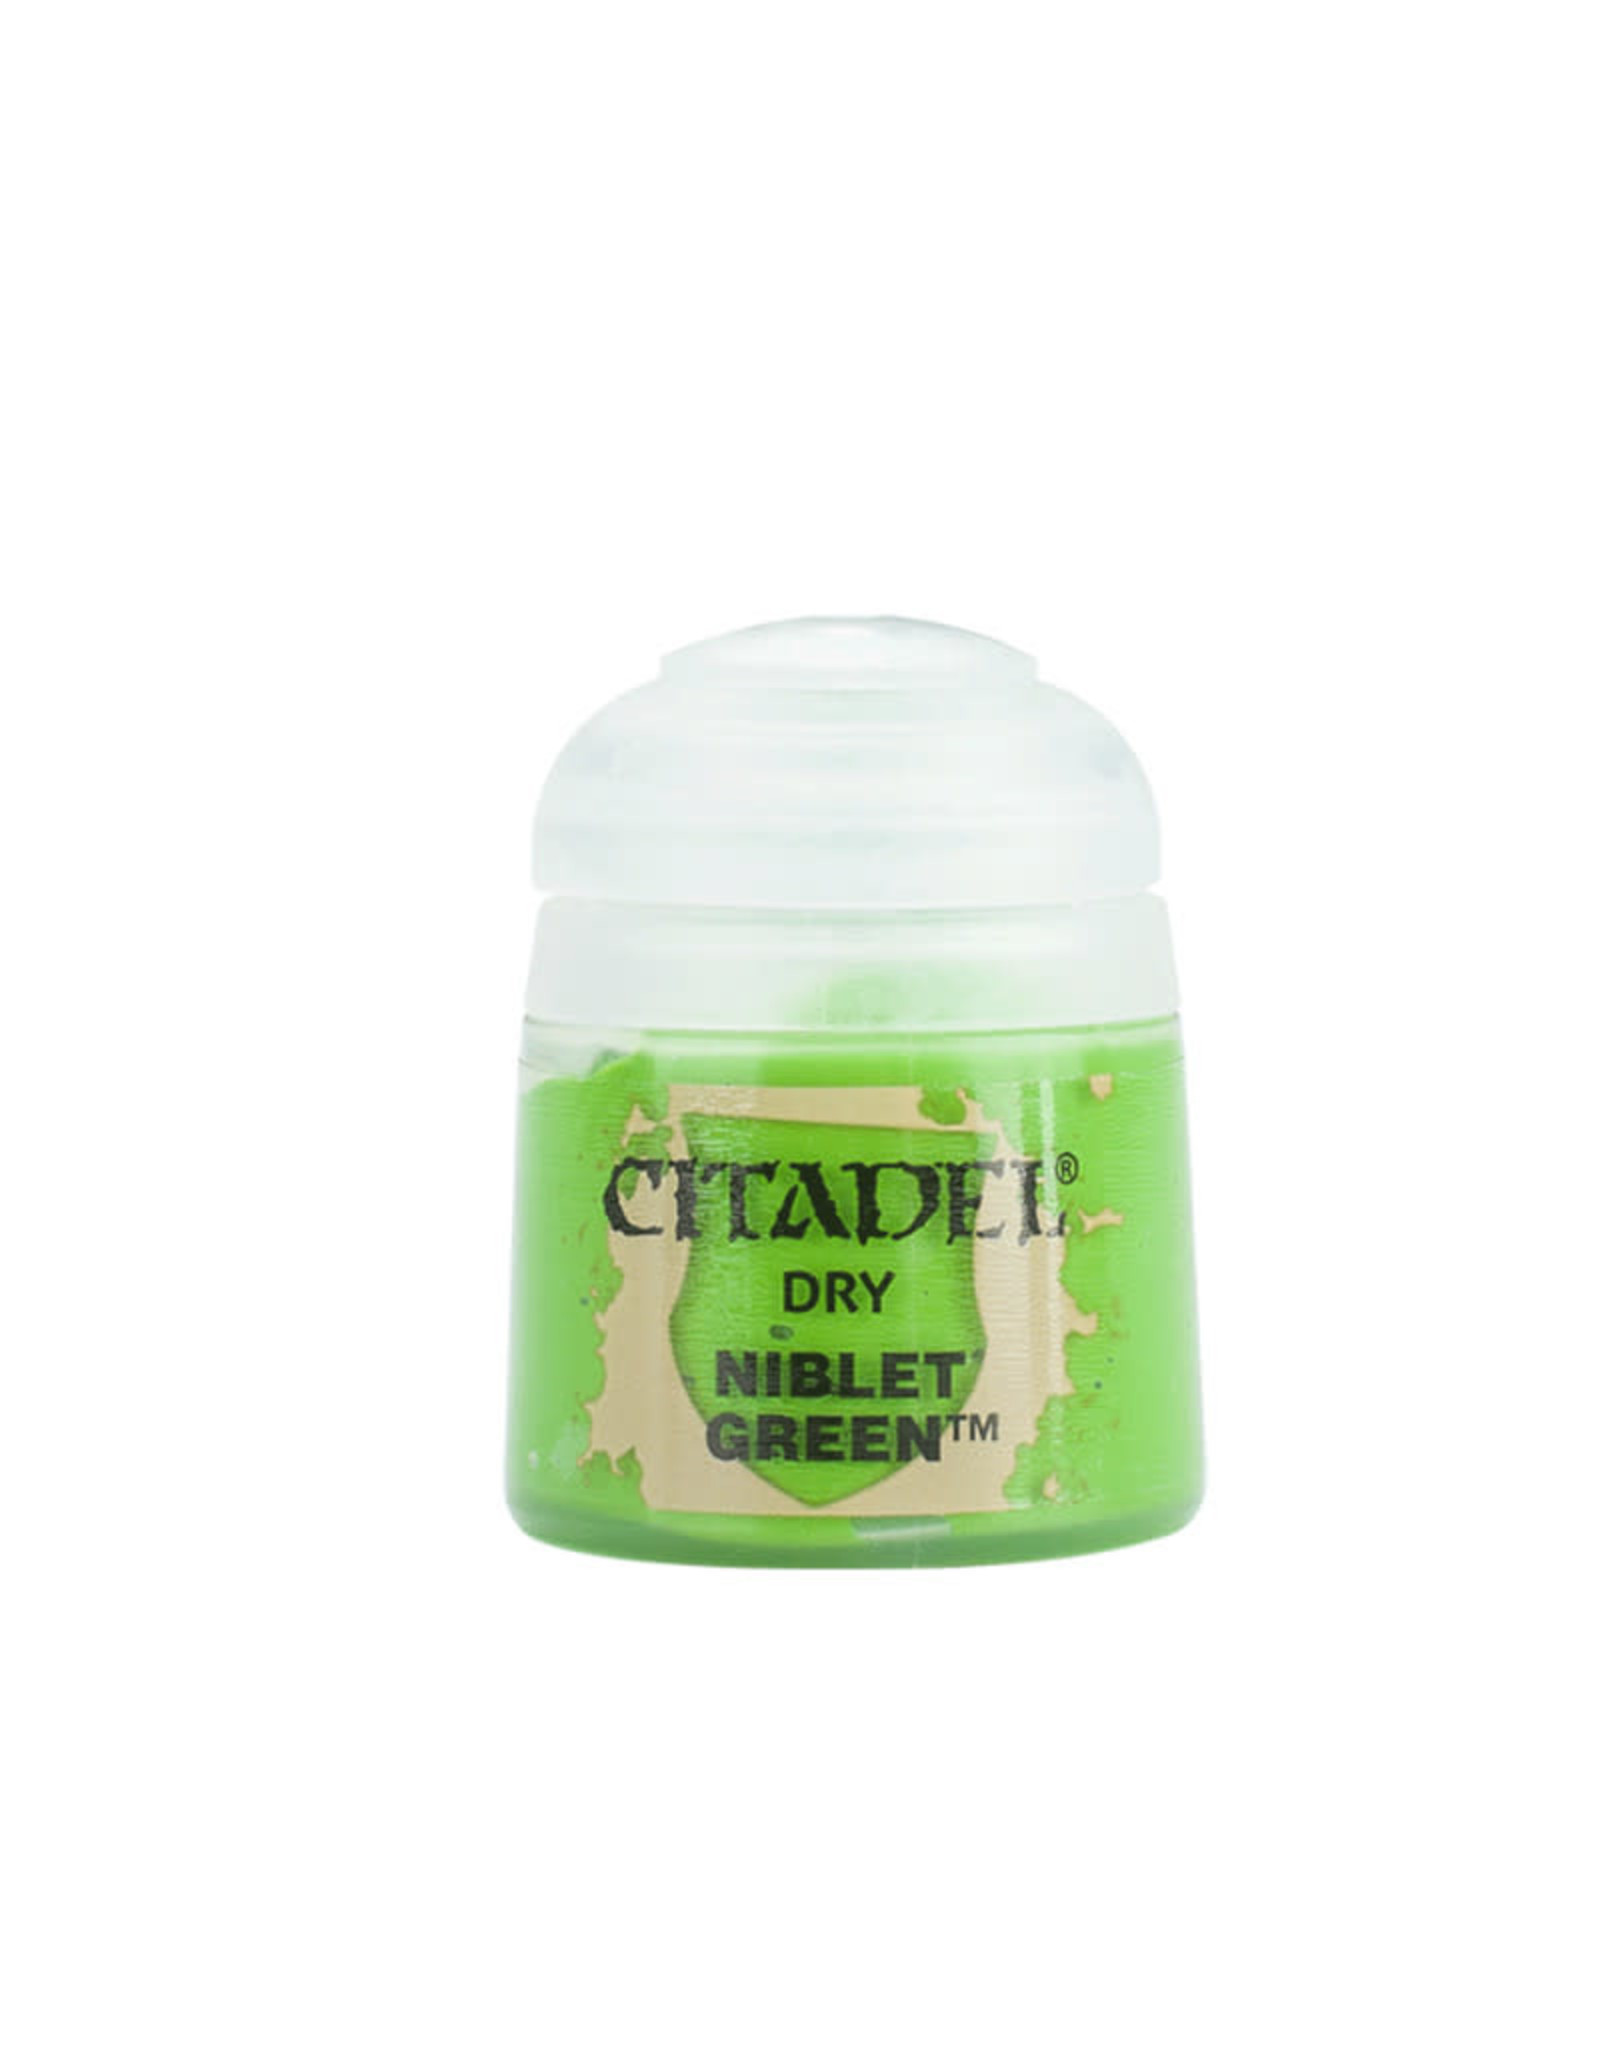 Citadel Dry Paint: Niblet Green